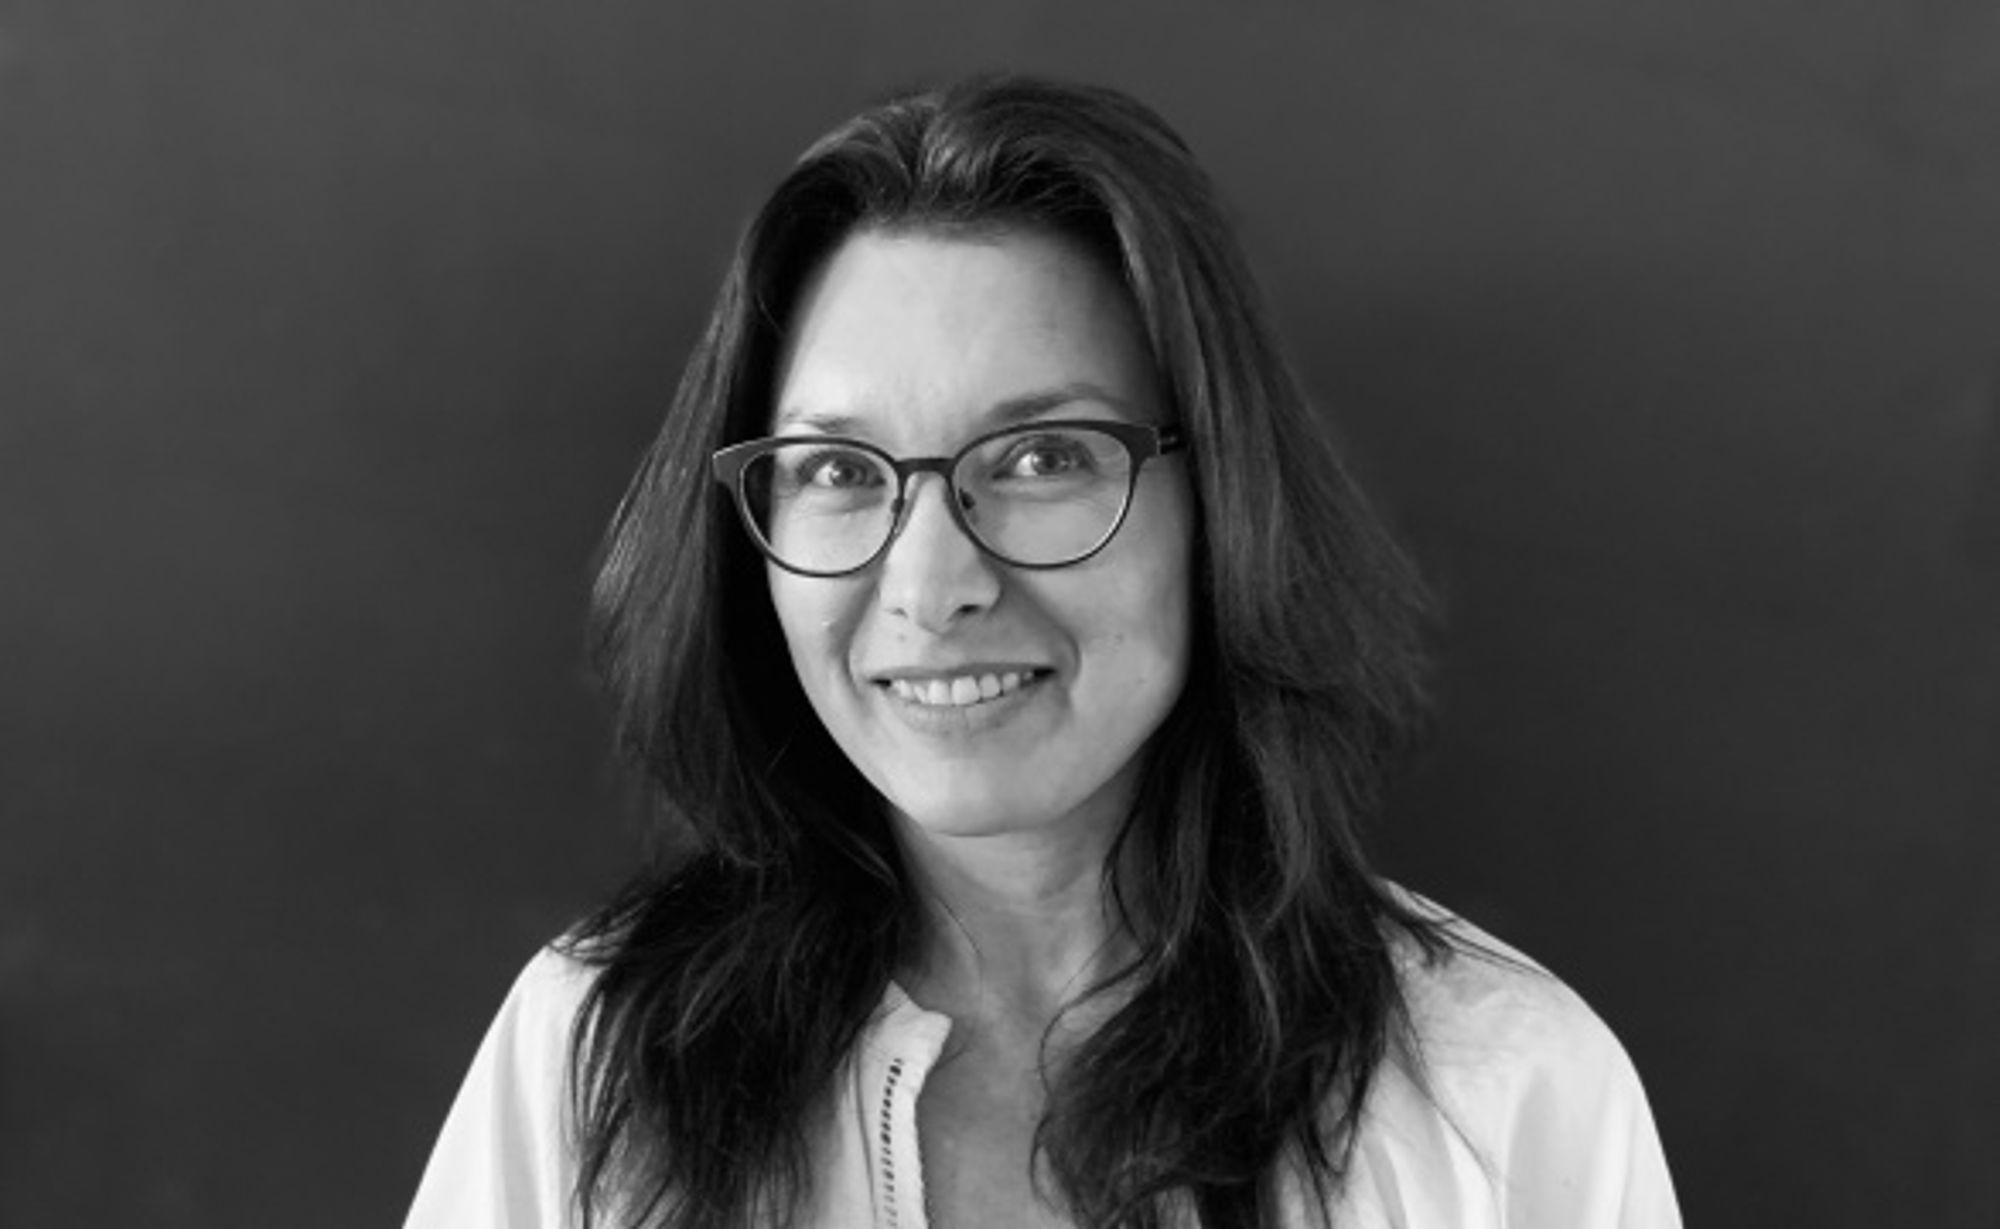 Chantal Lailvaux